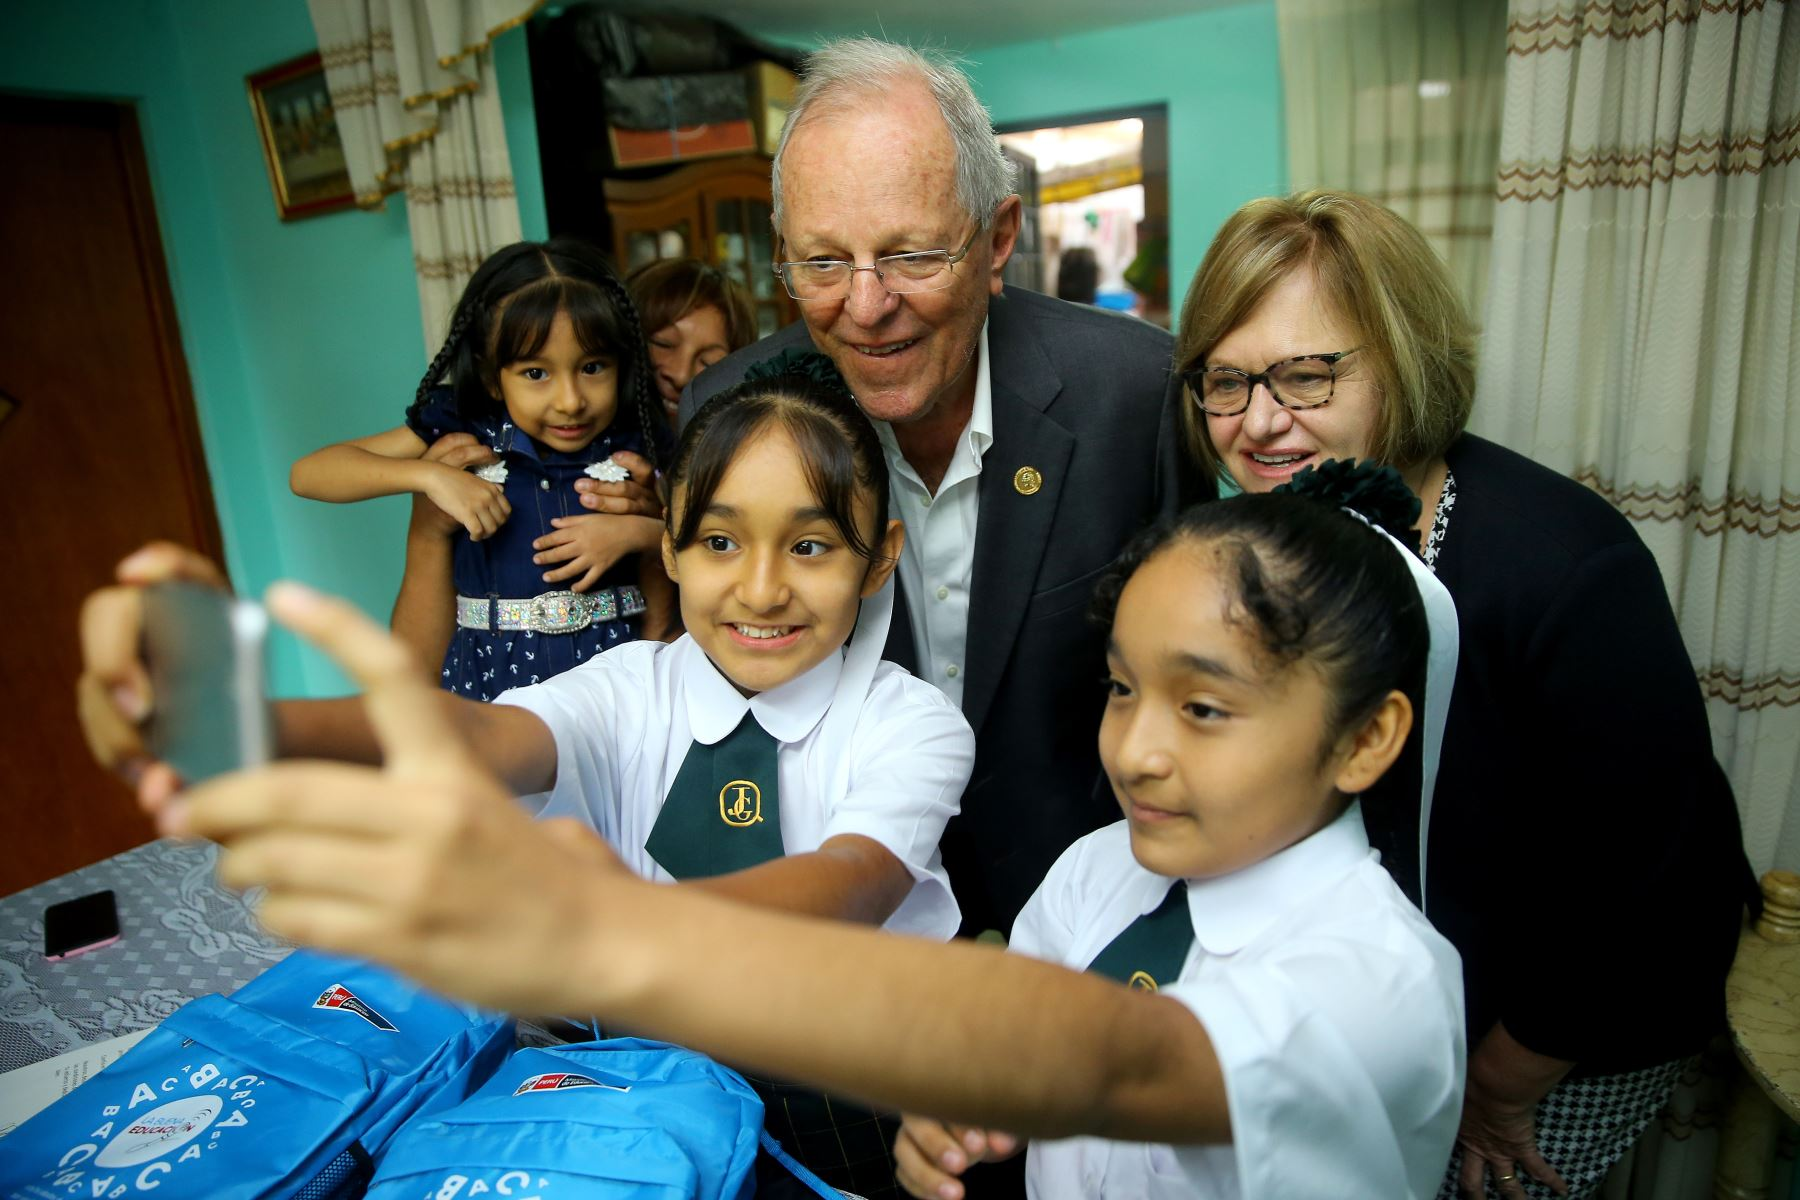 Jefe de Estado y Primera Dama, participan en el inicio del año escolar 2018 en la IE Juan Guerrero Quimper, Villa María del Triunfo. Foto: ANDINA/Prensa Presidencia